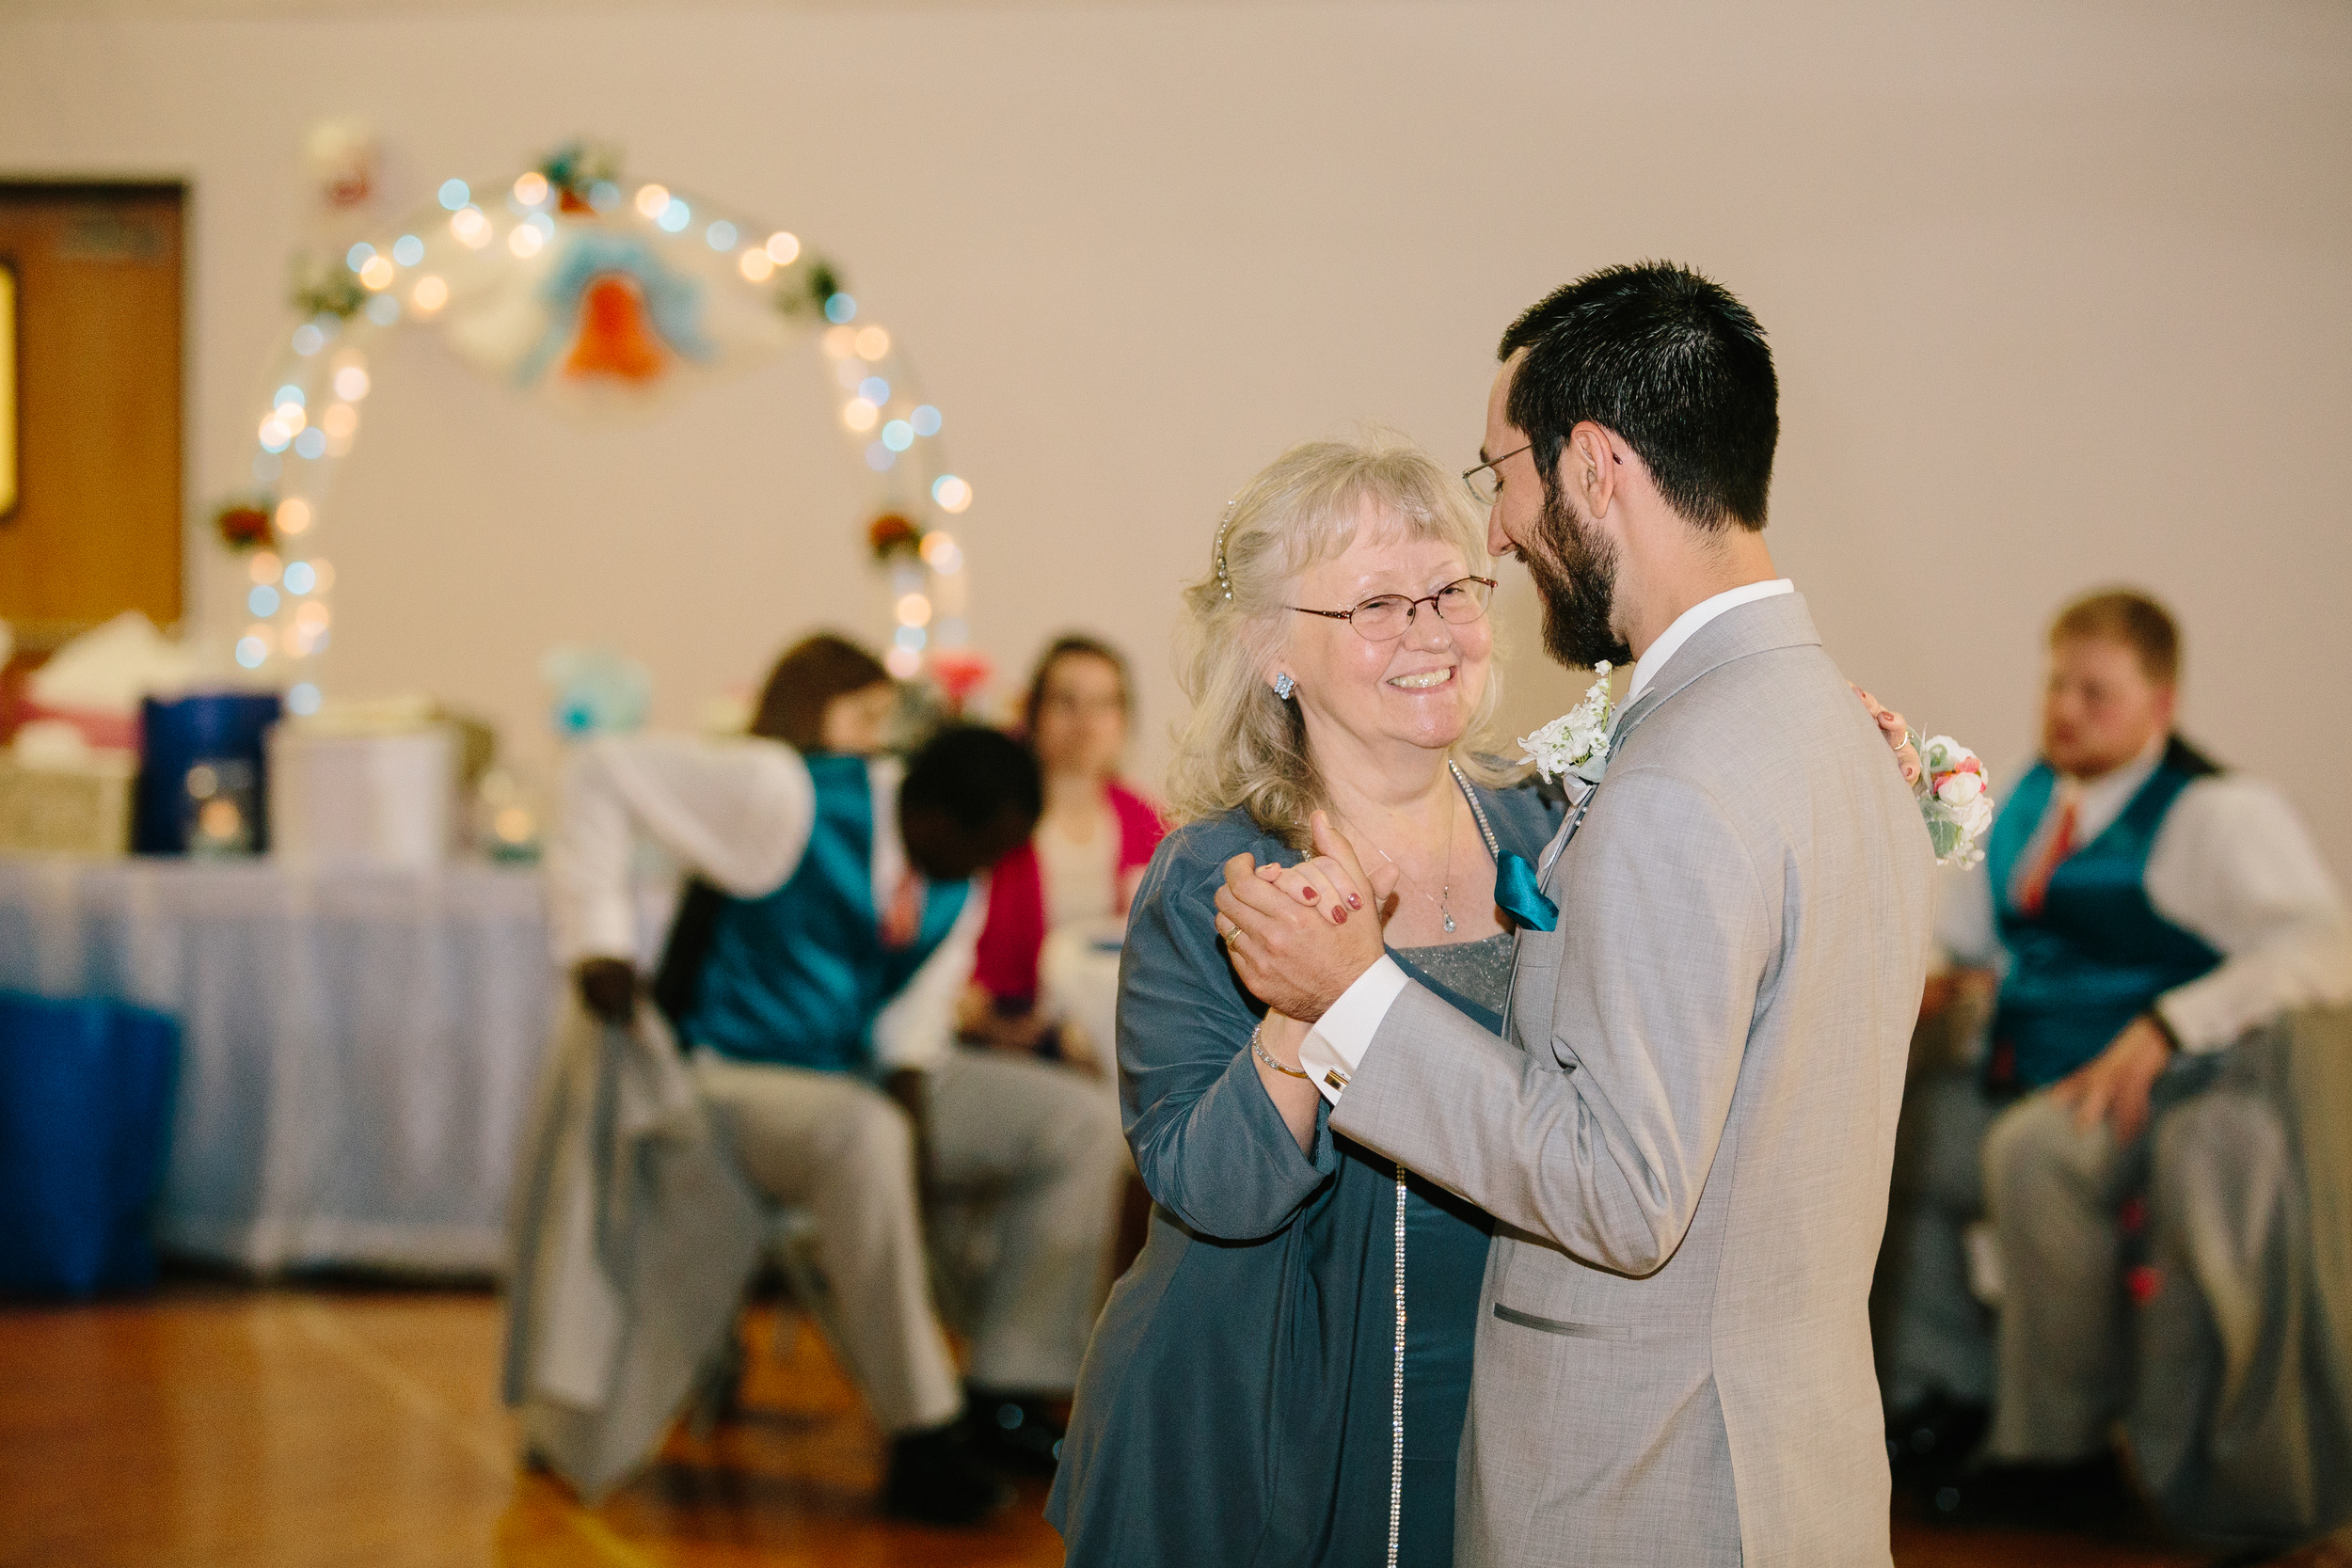 Peter & Rachel Married - South Bend, Indiana-498.jpg